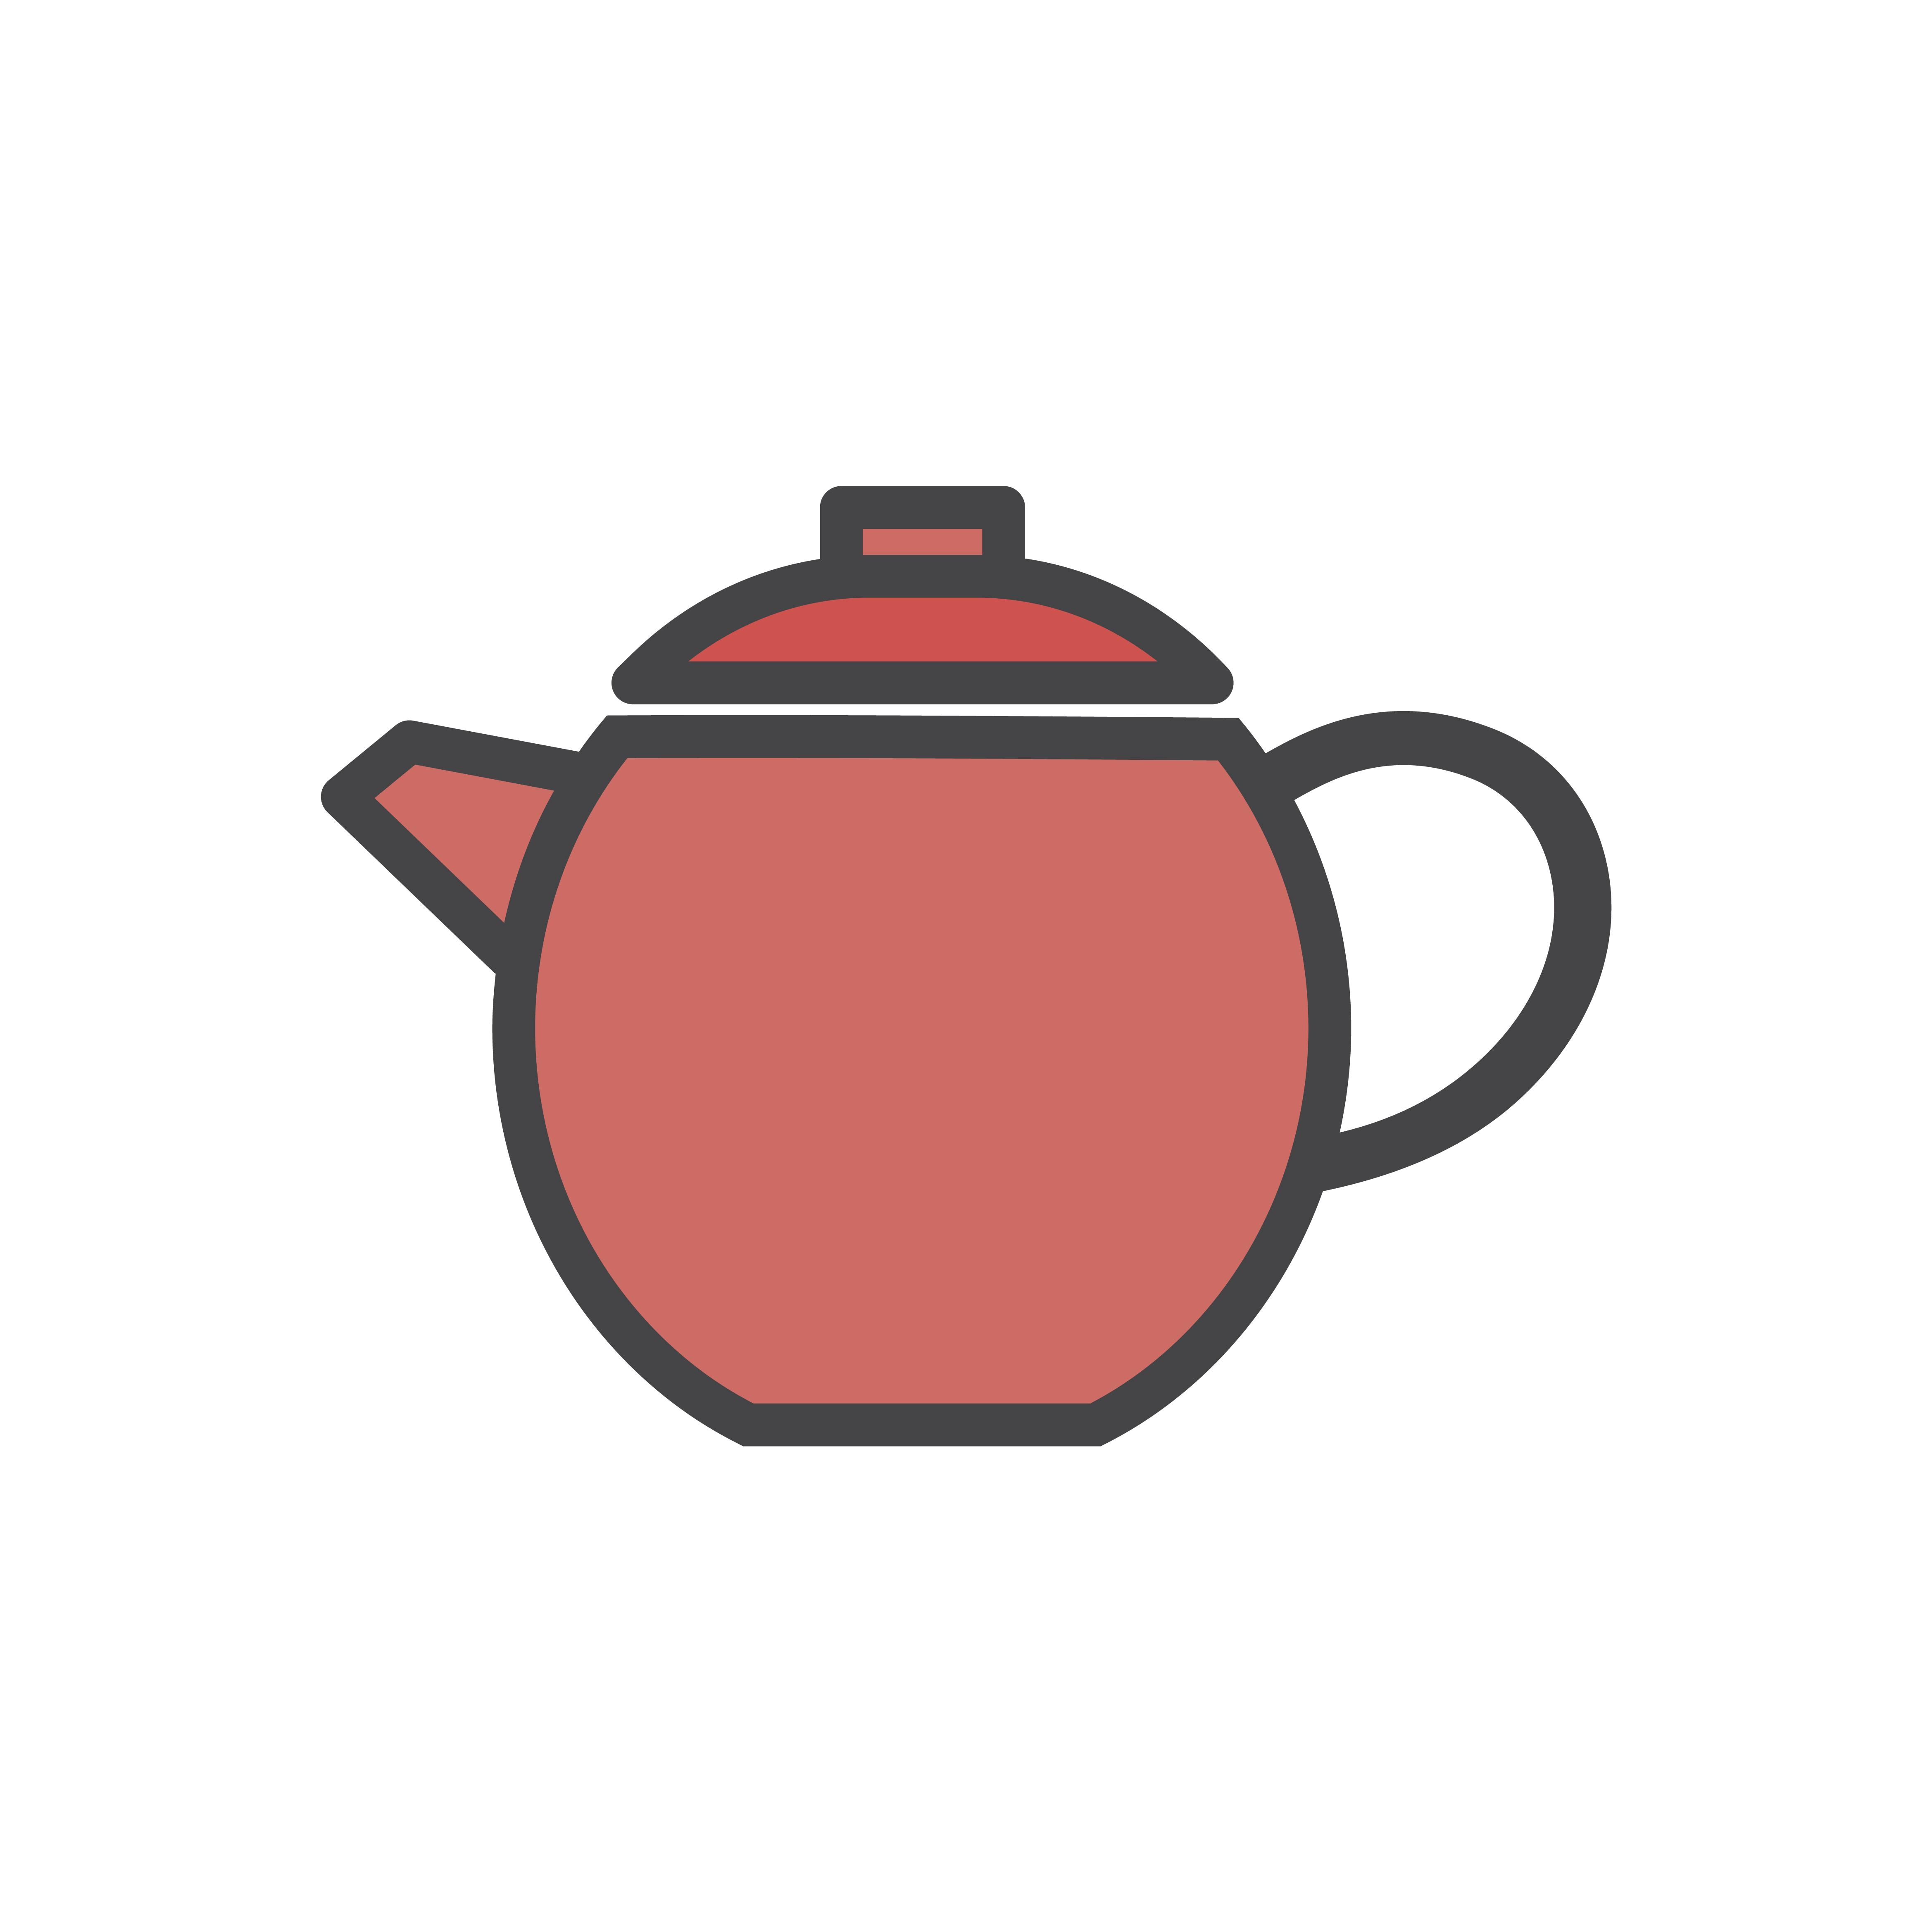 Illustration of a tea pot - Download Free Vectors, Clipart ...